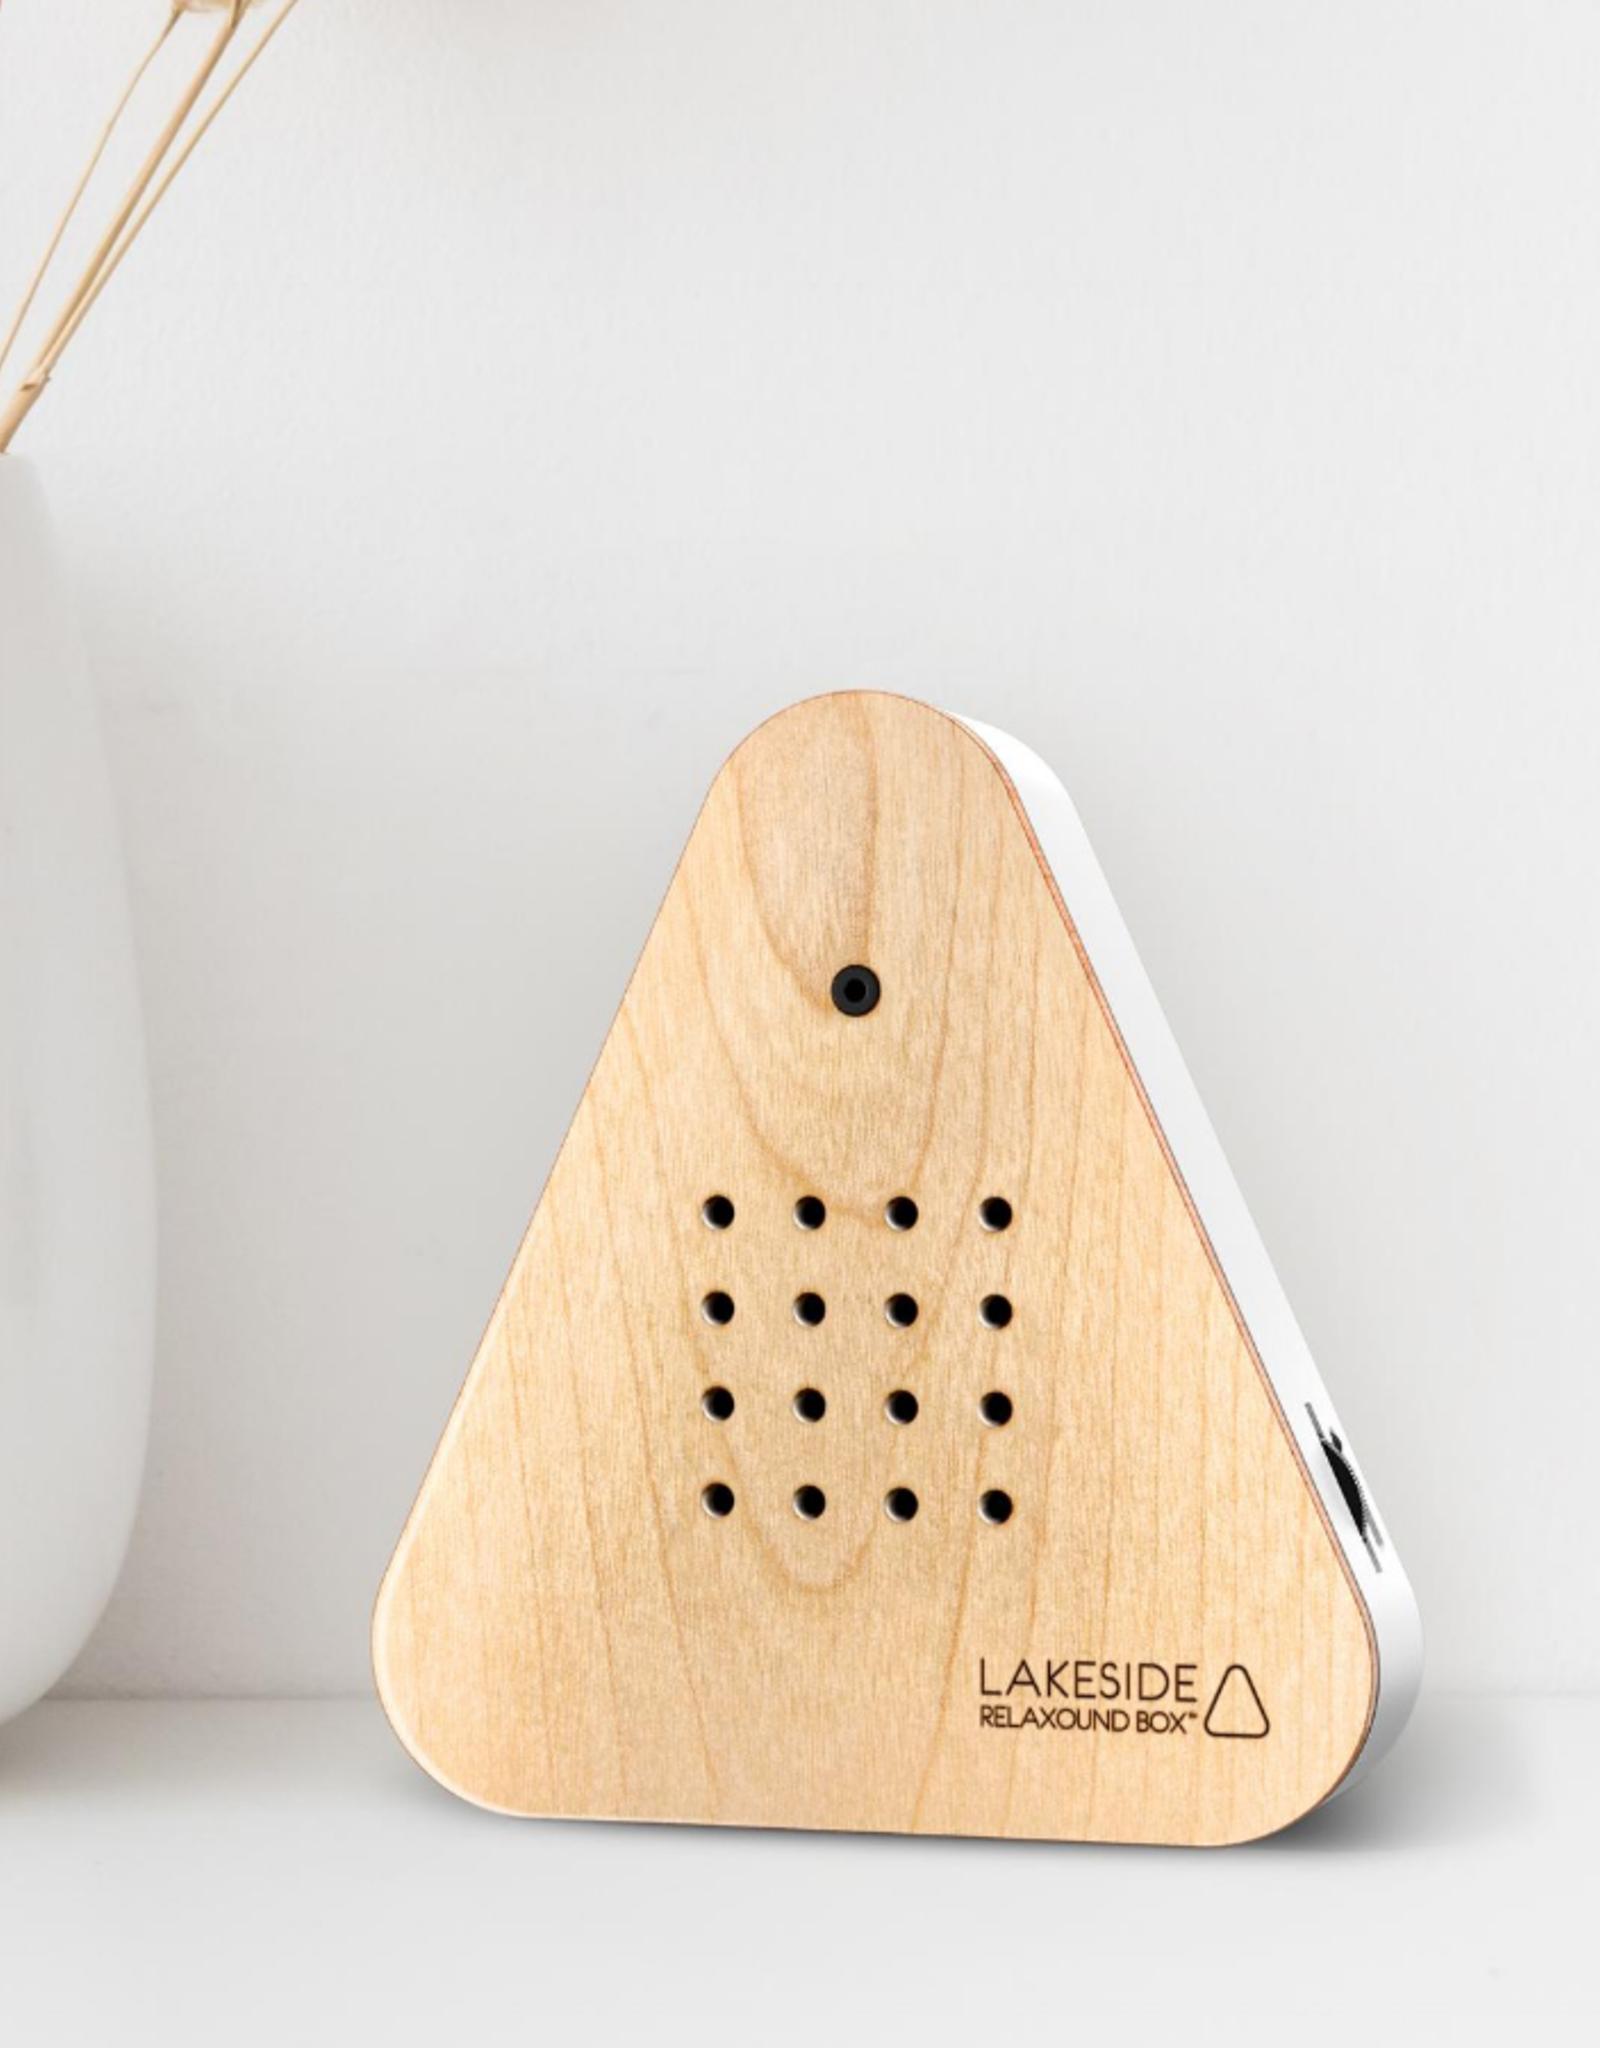 Zwitscherbox Lakeside Soundbox Berken